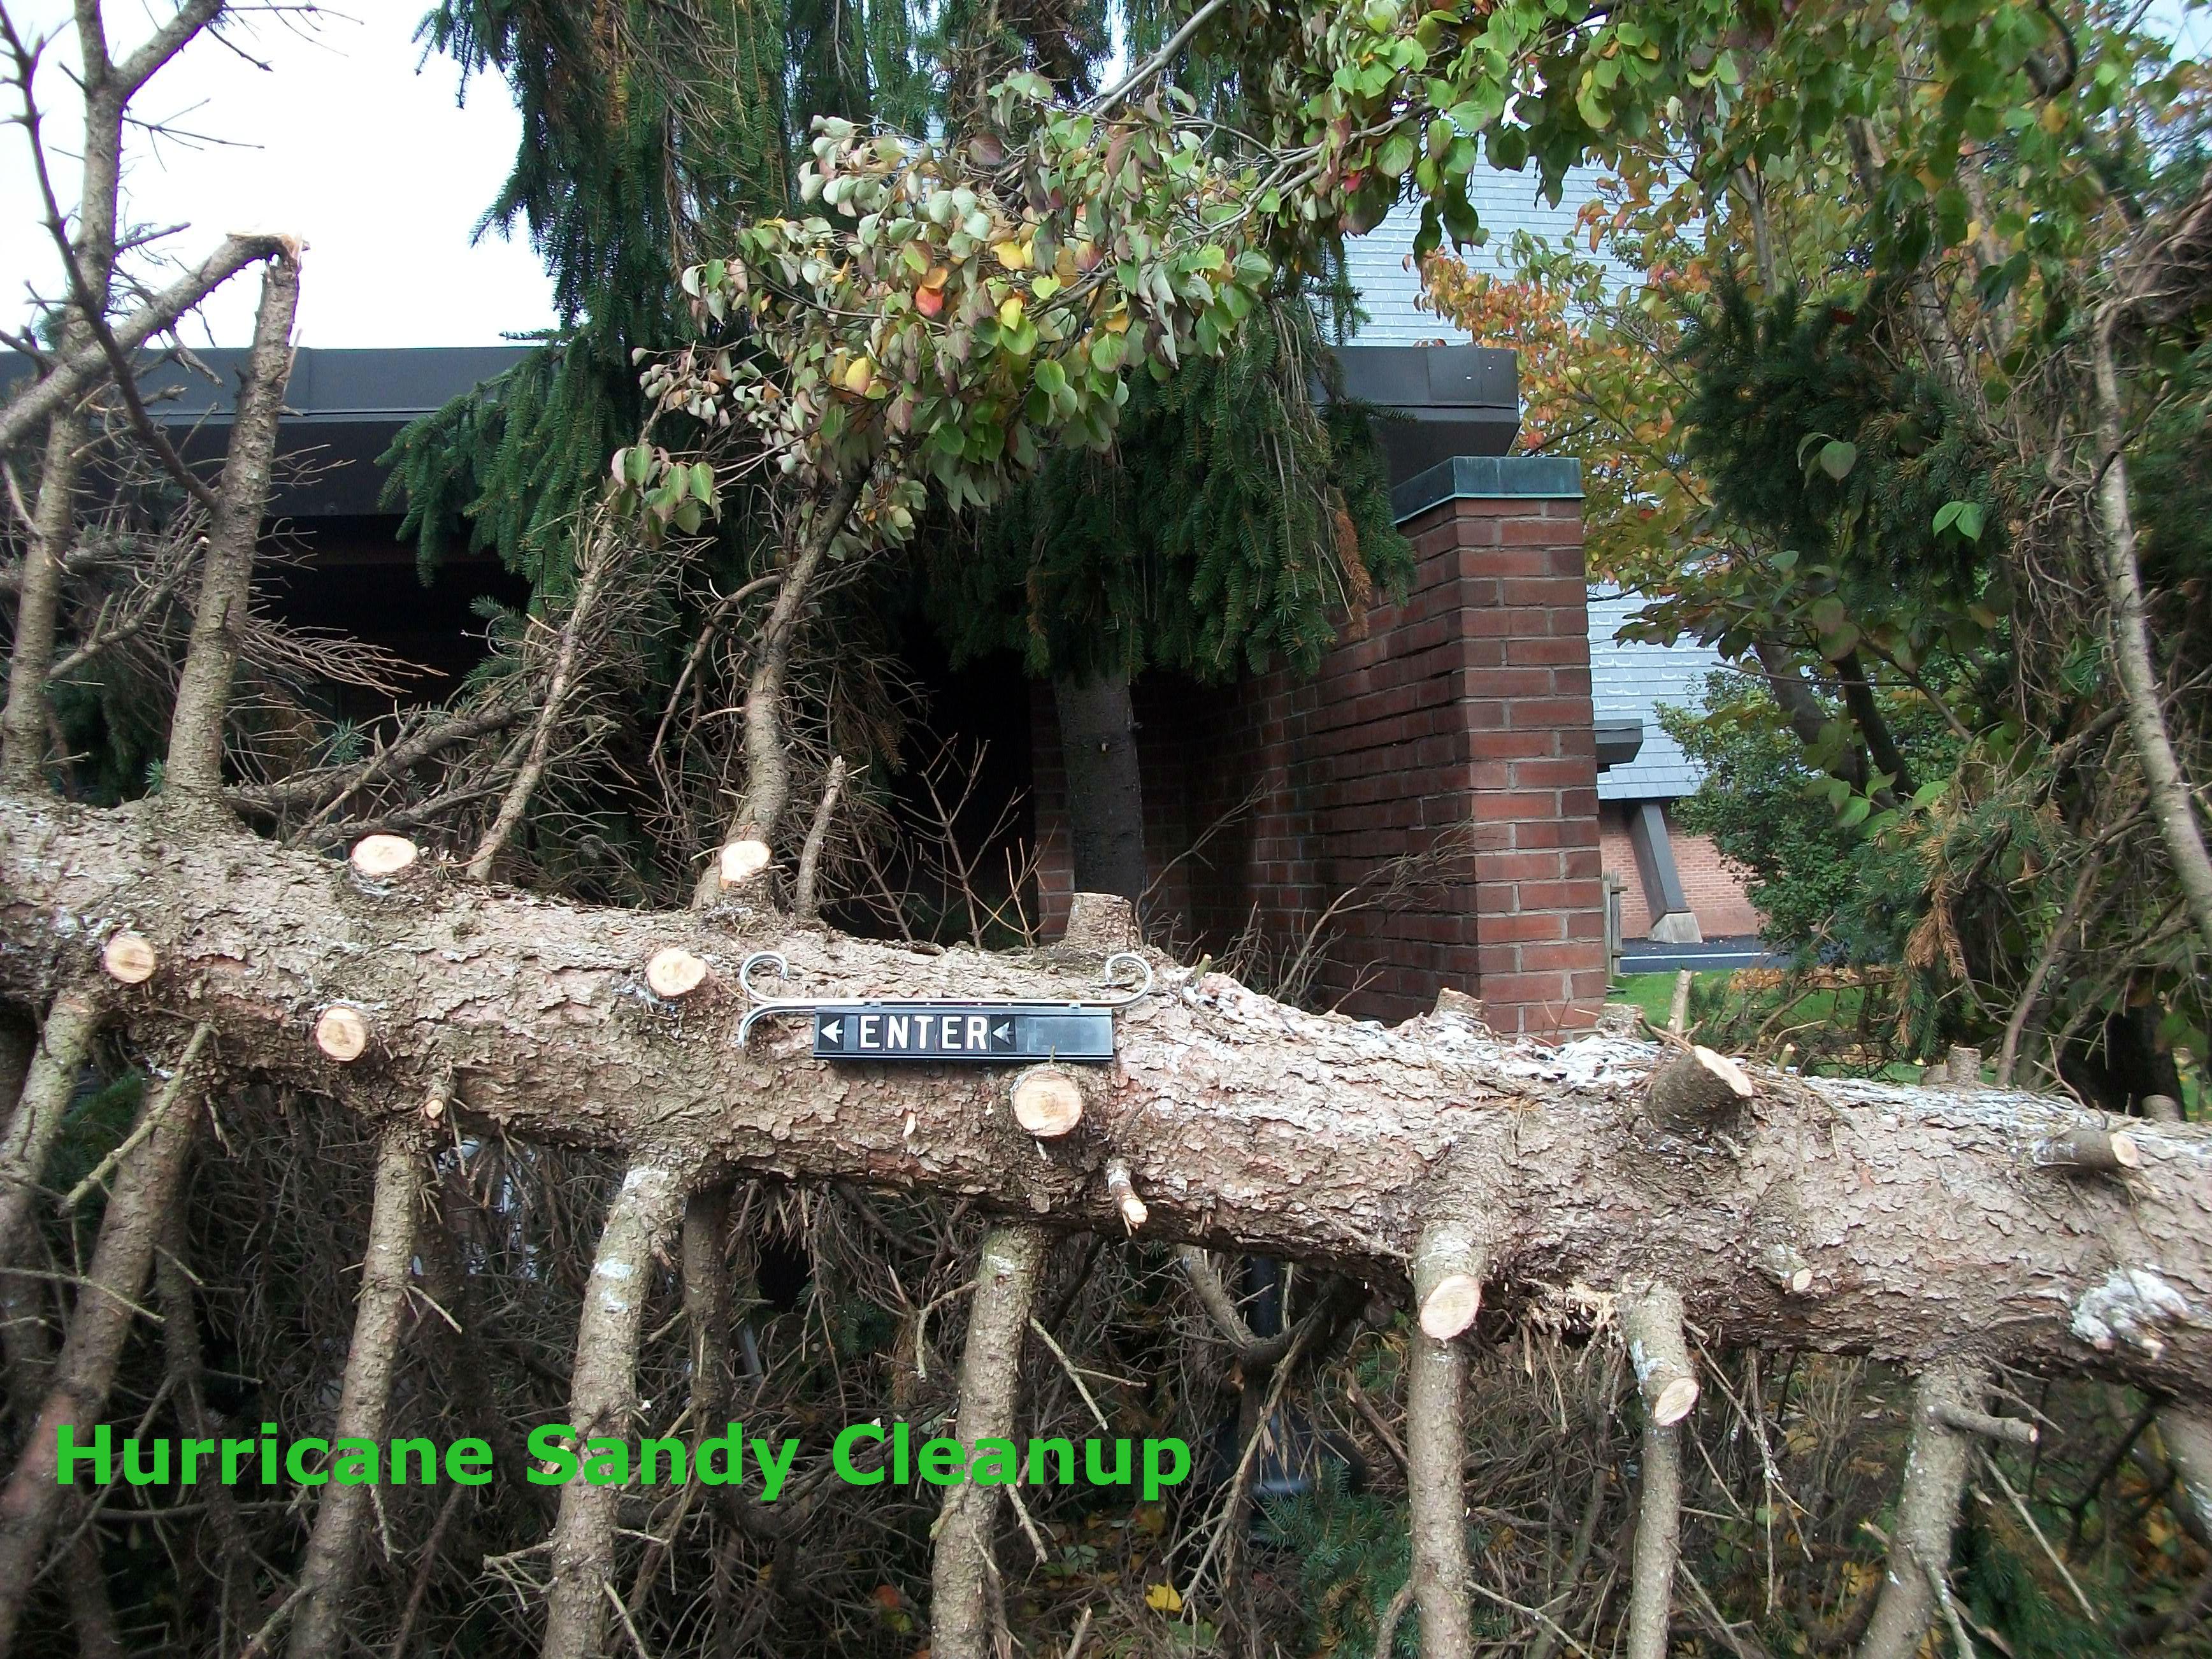 SandyCleanup